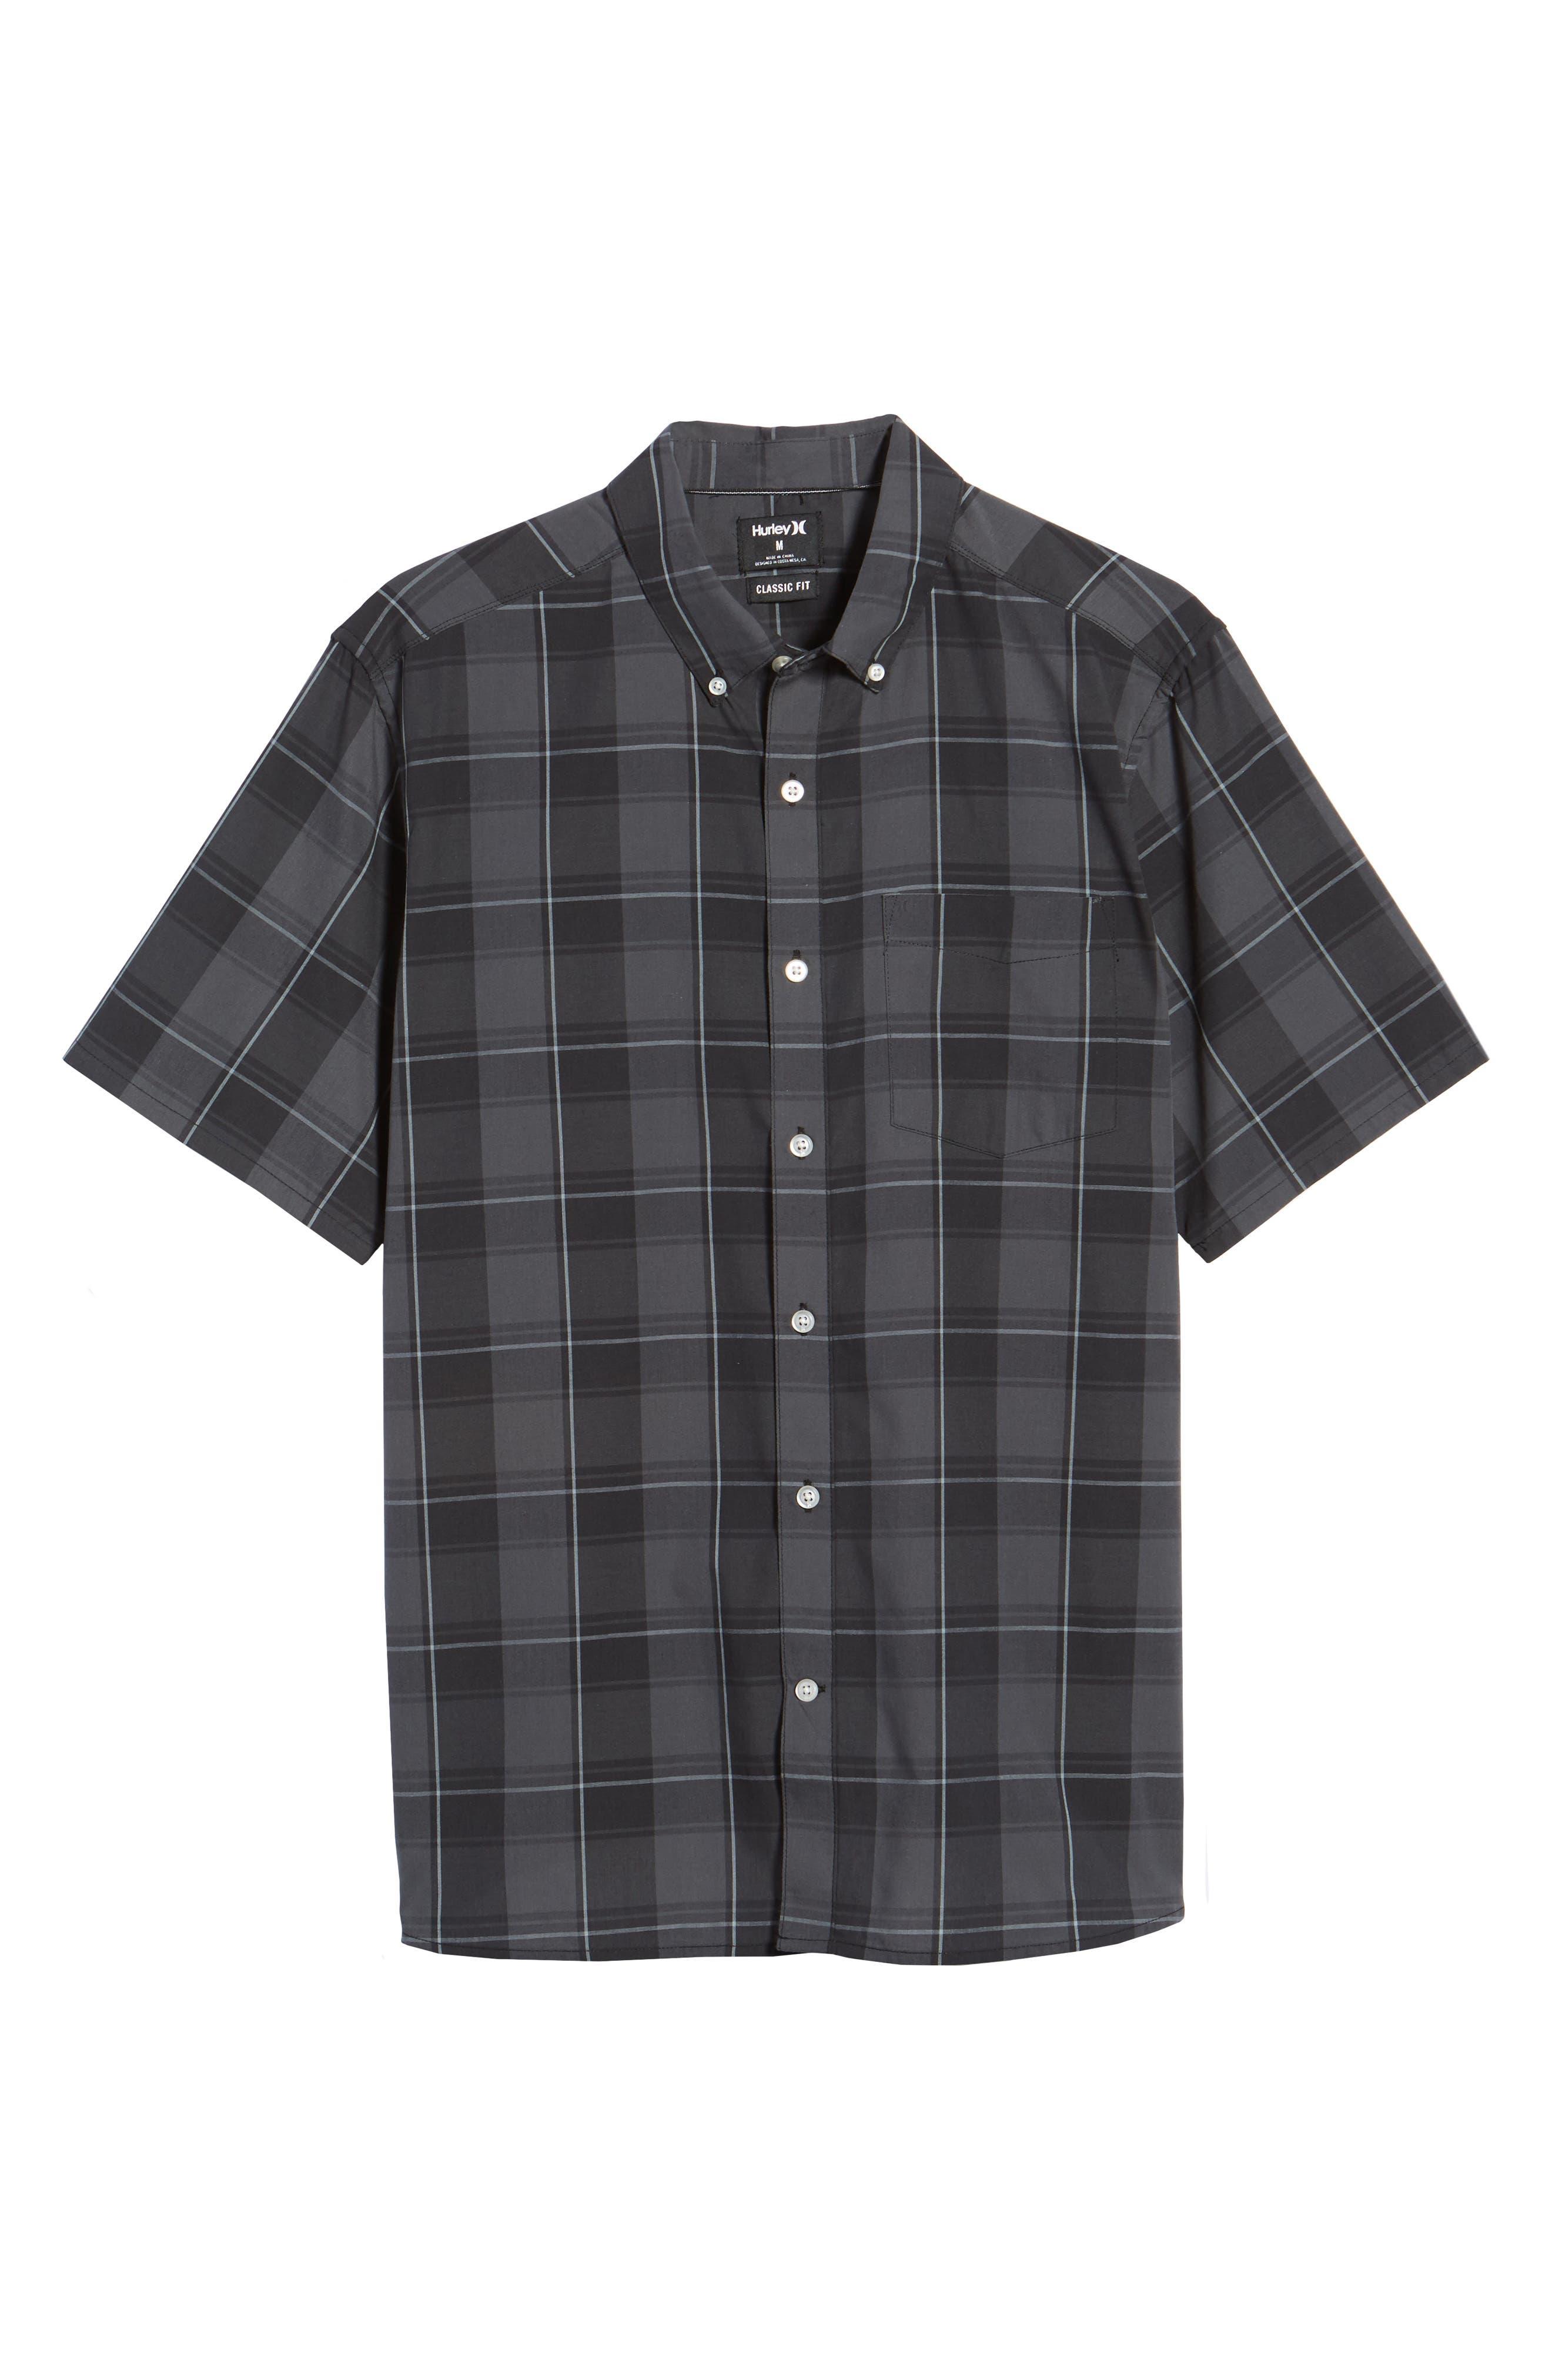 Dri-FIT Castell Shirt,                             Alternate thumbnail 6, color,                             010